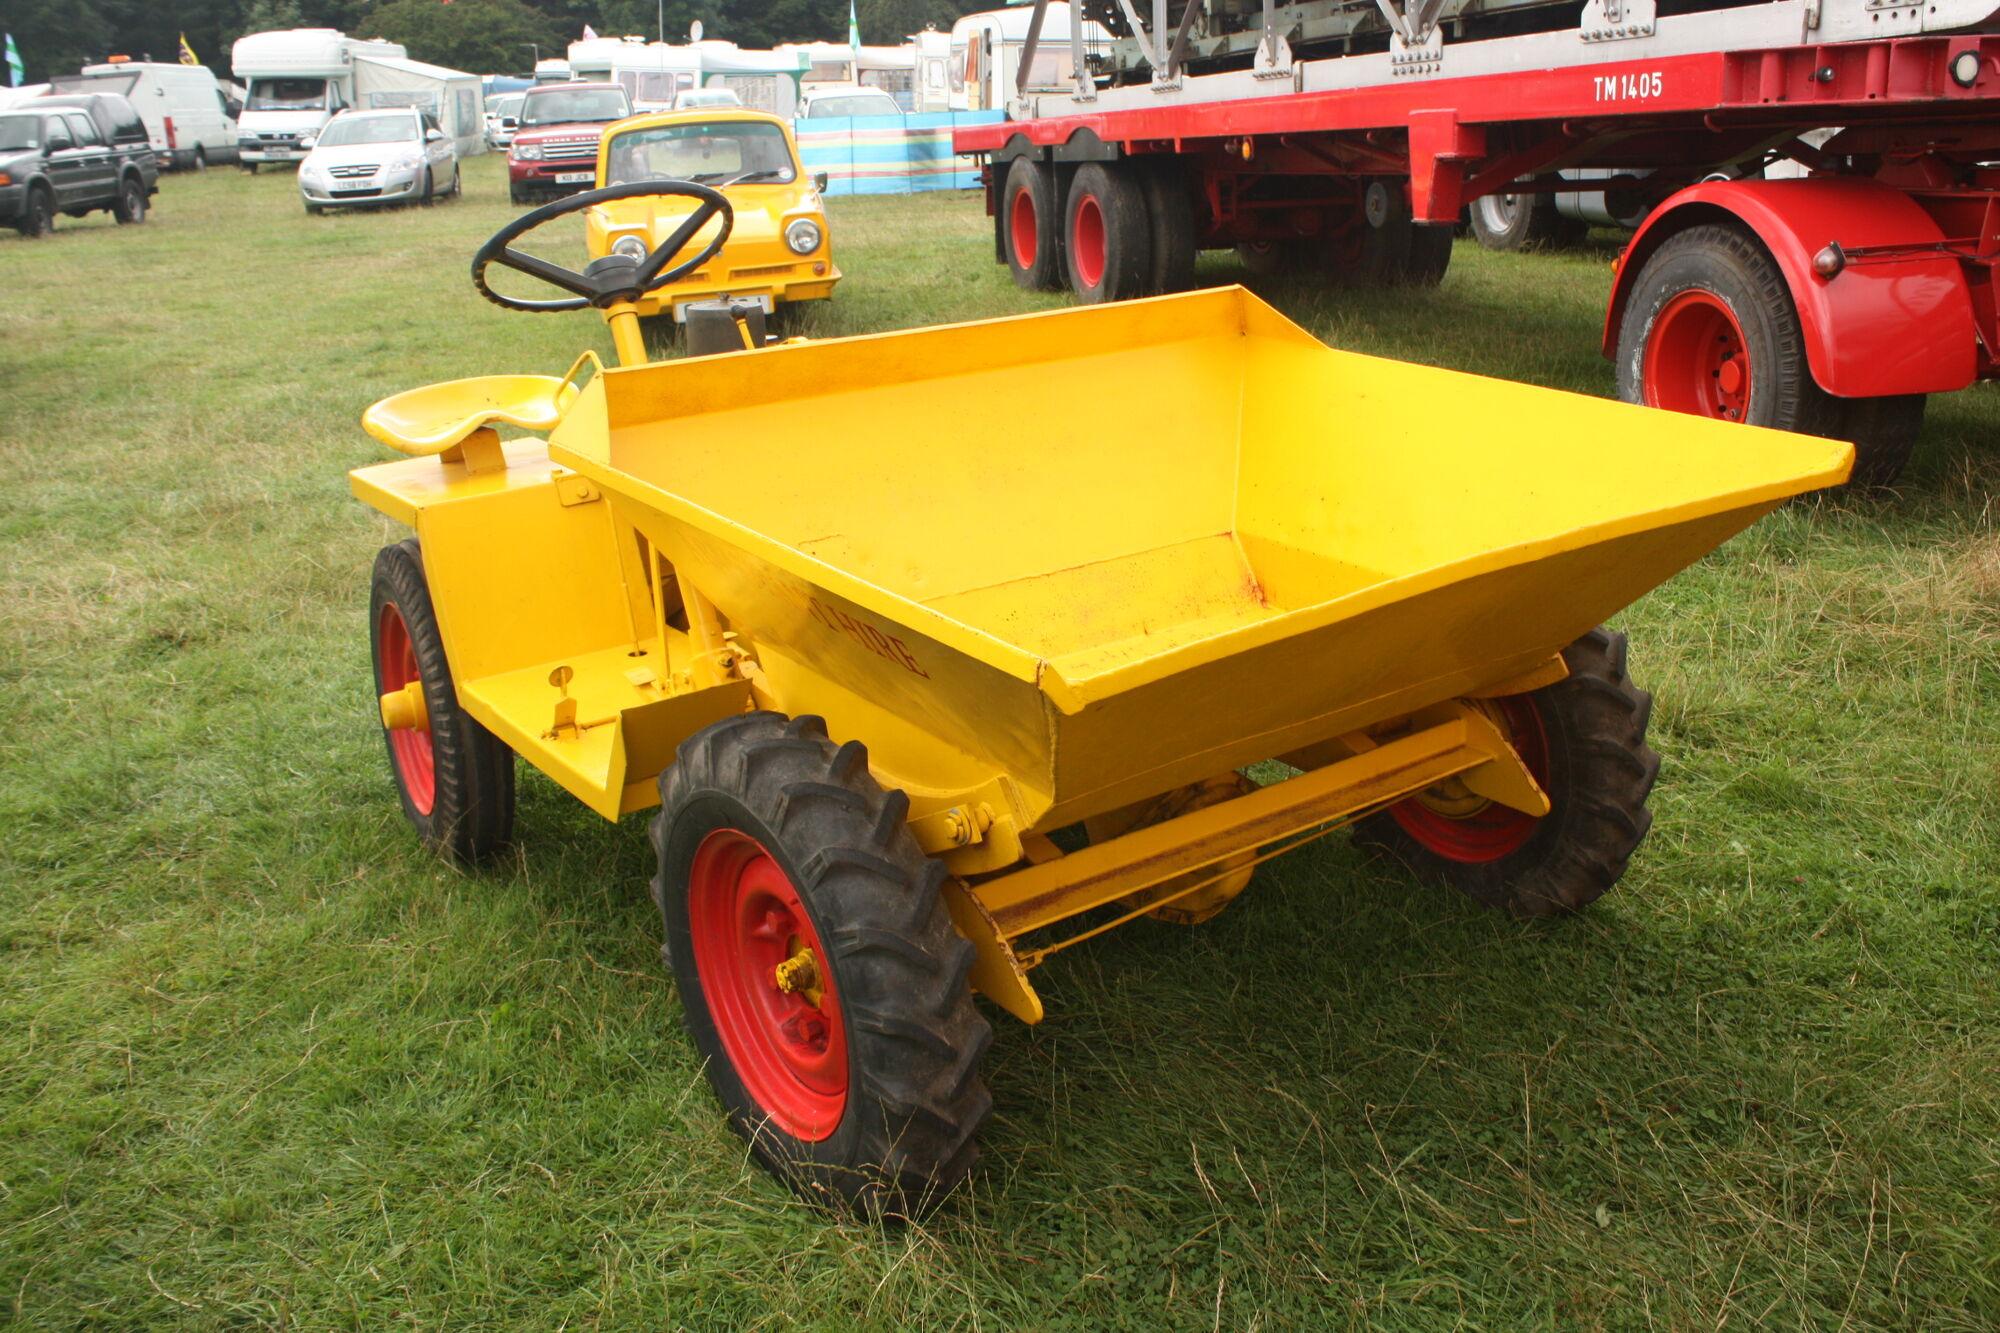 jcb dumper tractor construction plant wiki fandom. Black Bedroom Furniture Sets. Home Design Ideas